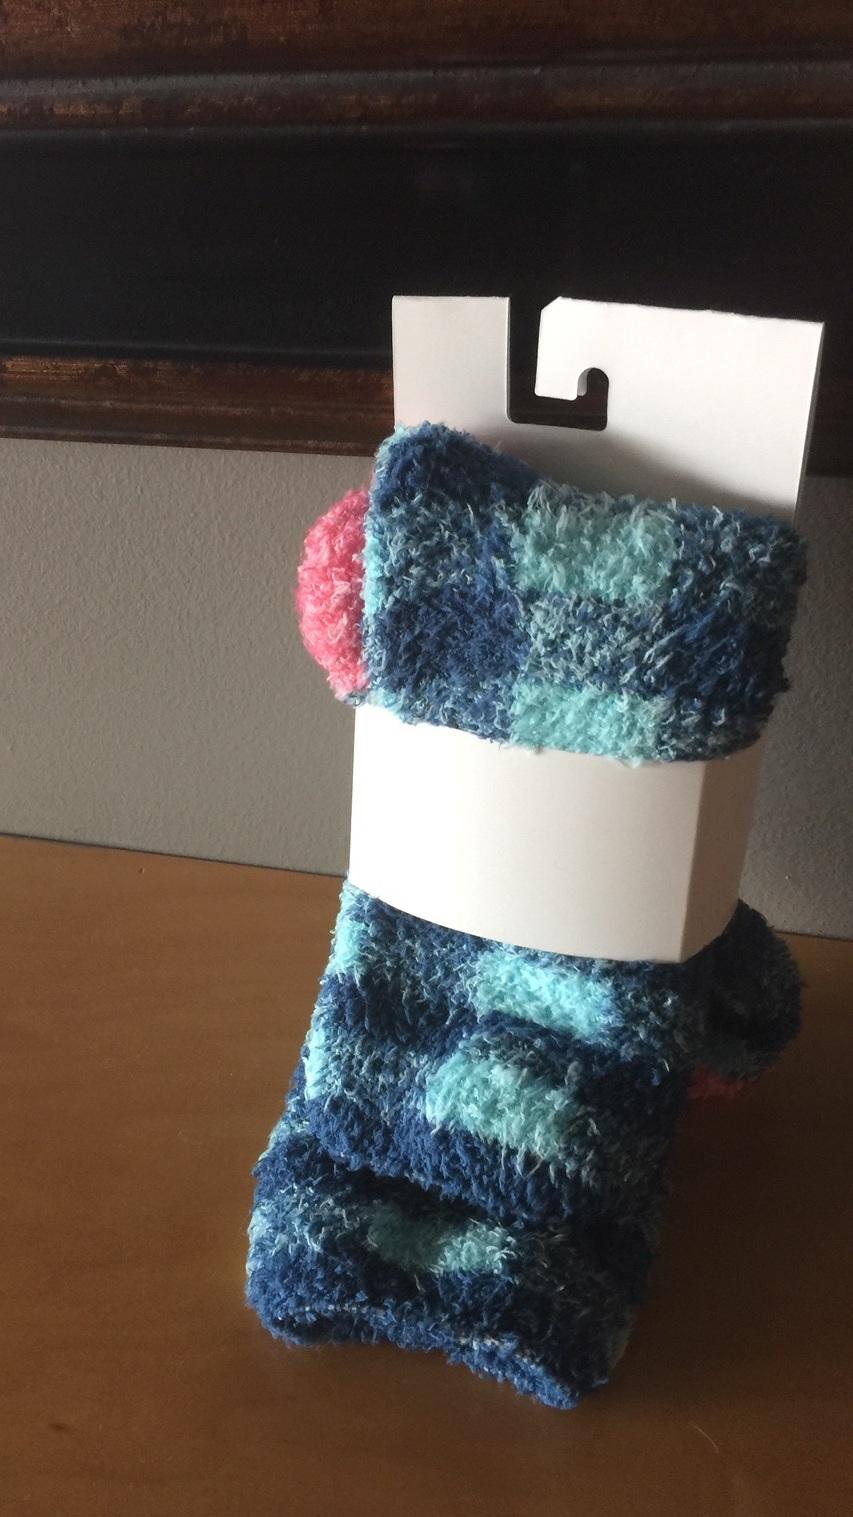 adams-benedict-sock-packaging-cardboard-hook